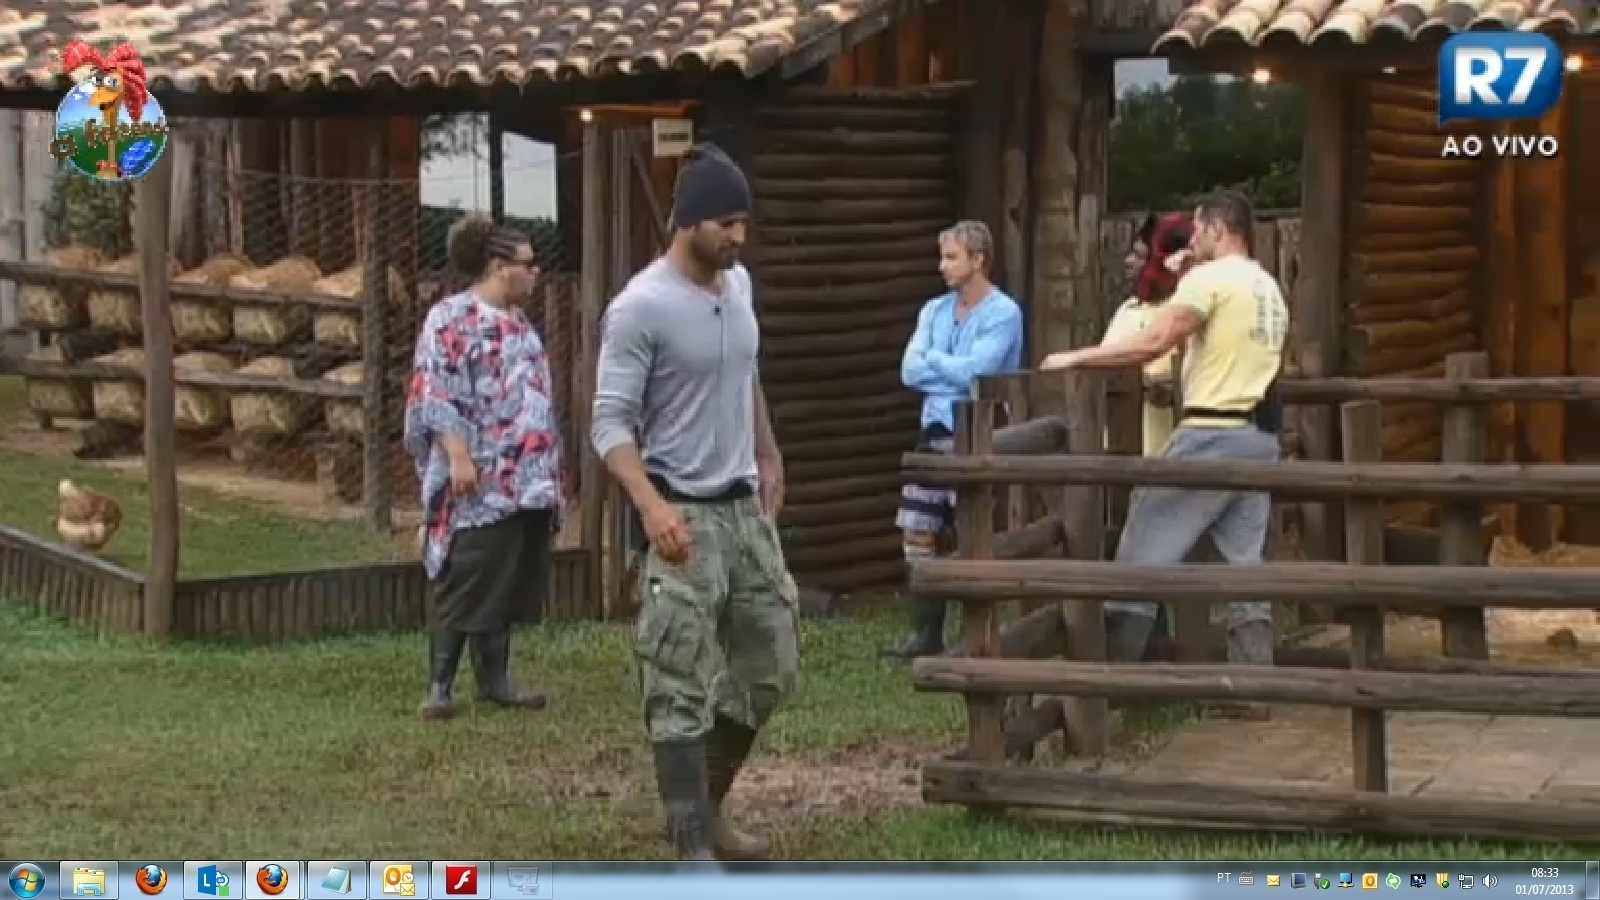 01.jul.2013 - Peões falam mal das grosseiras se Lu Schievano